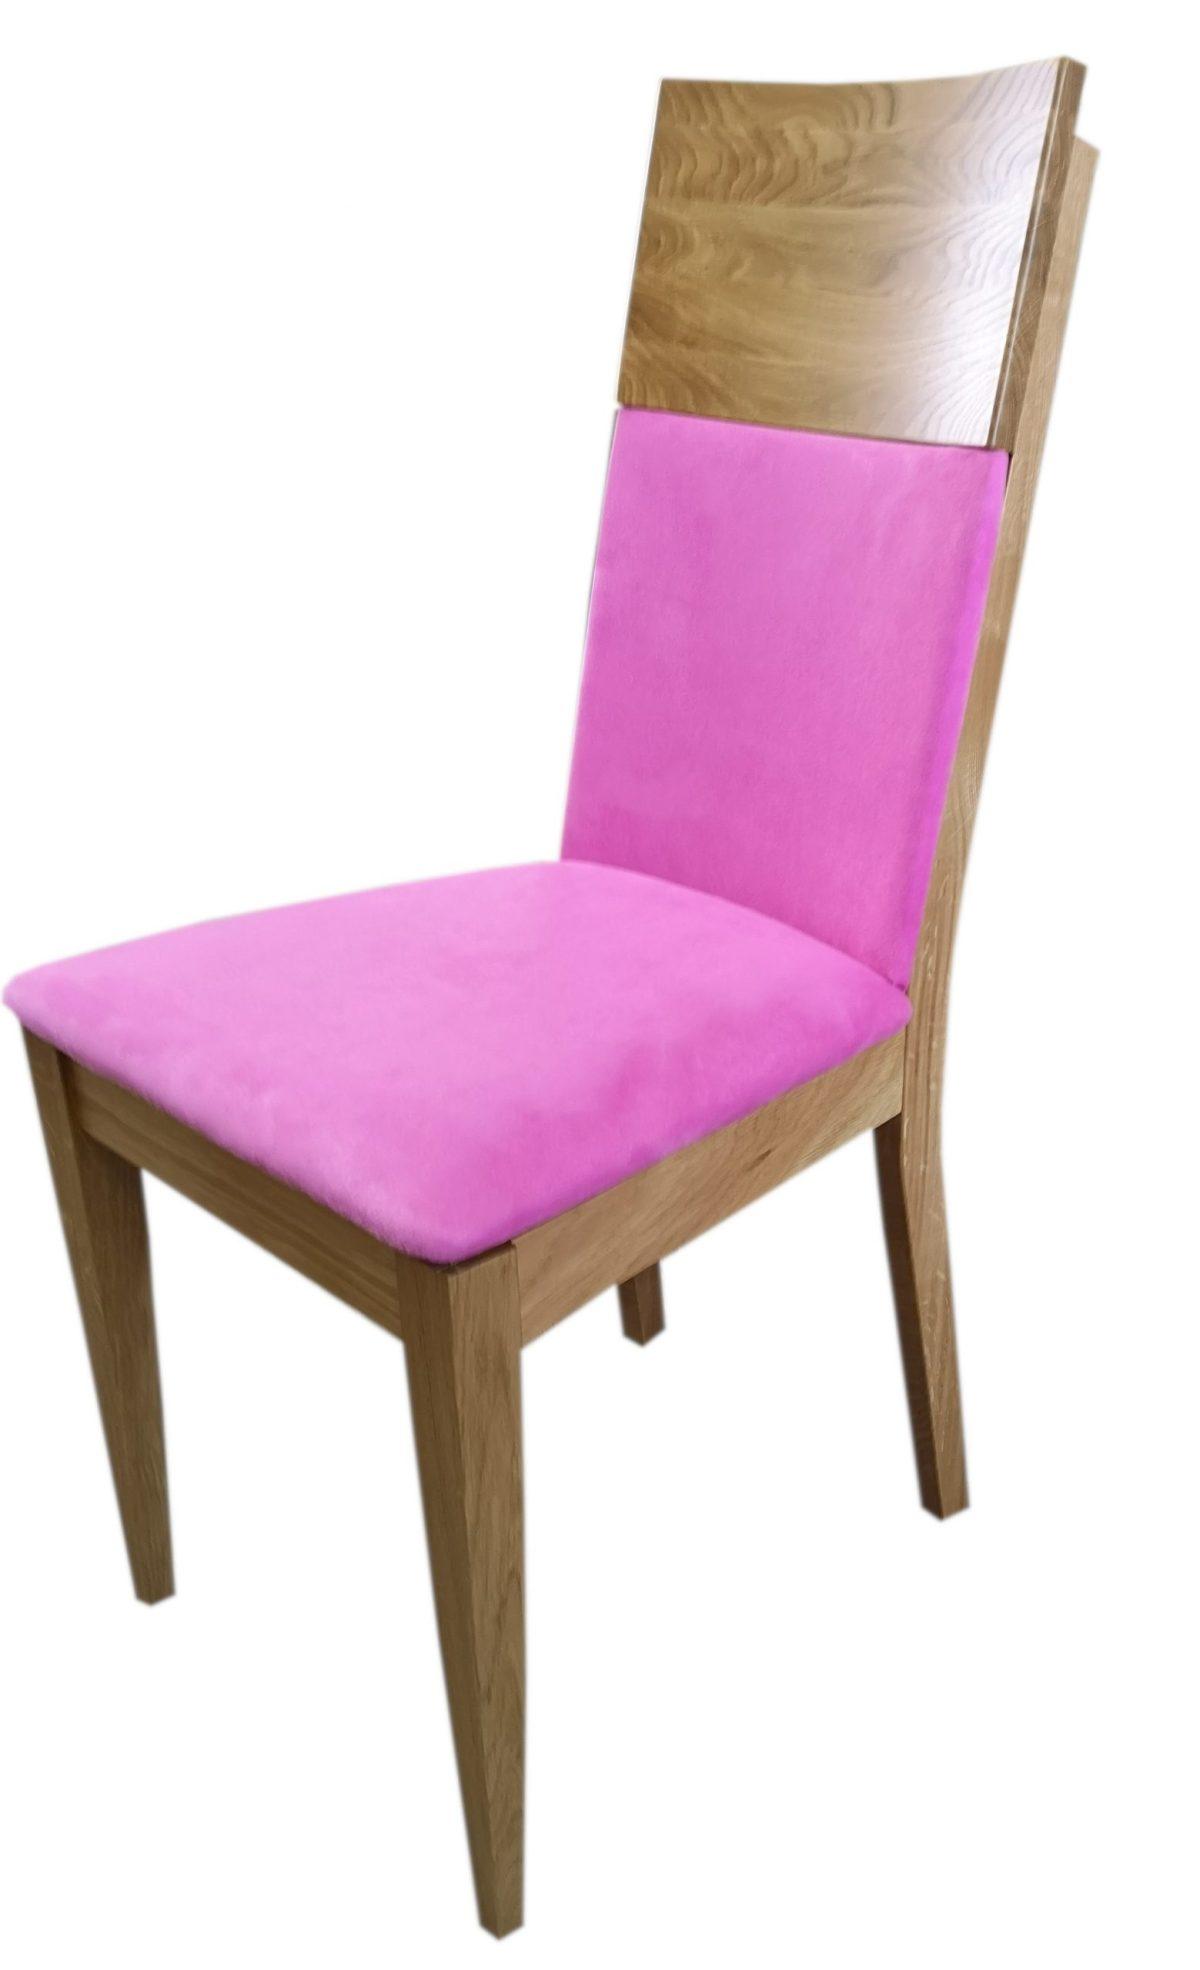 krzesło debowe różowe